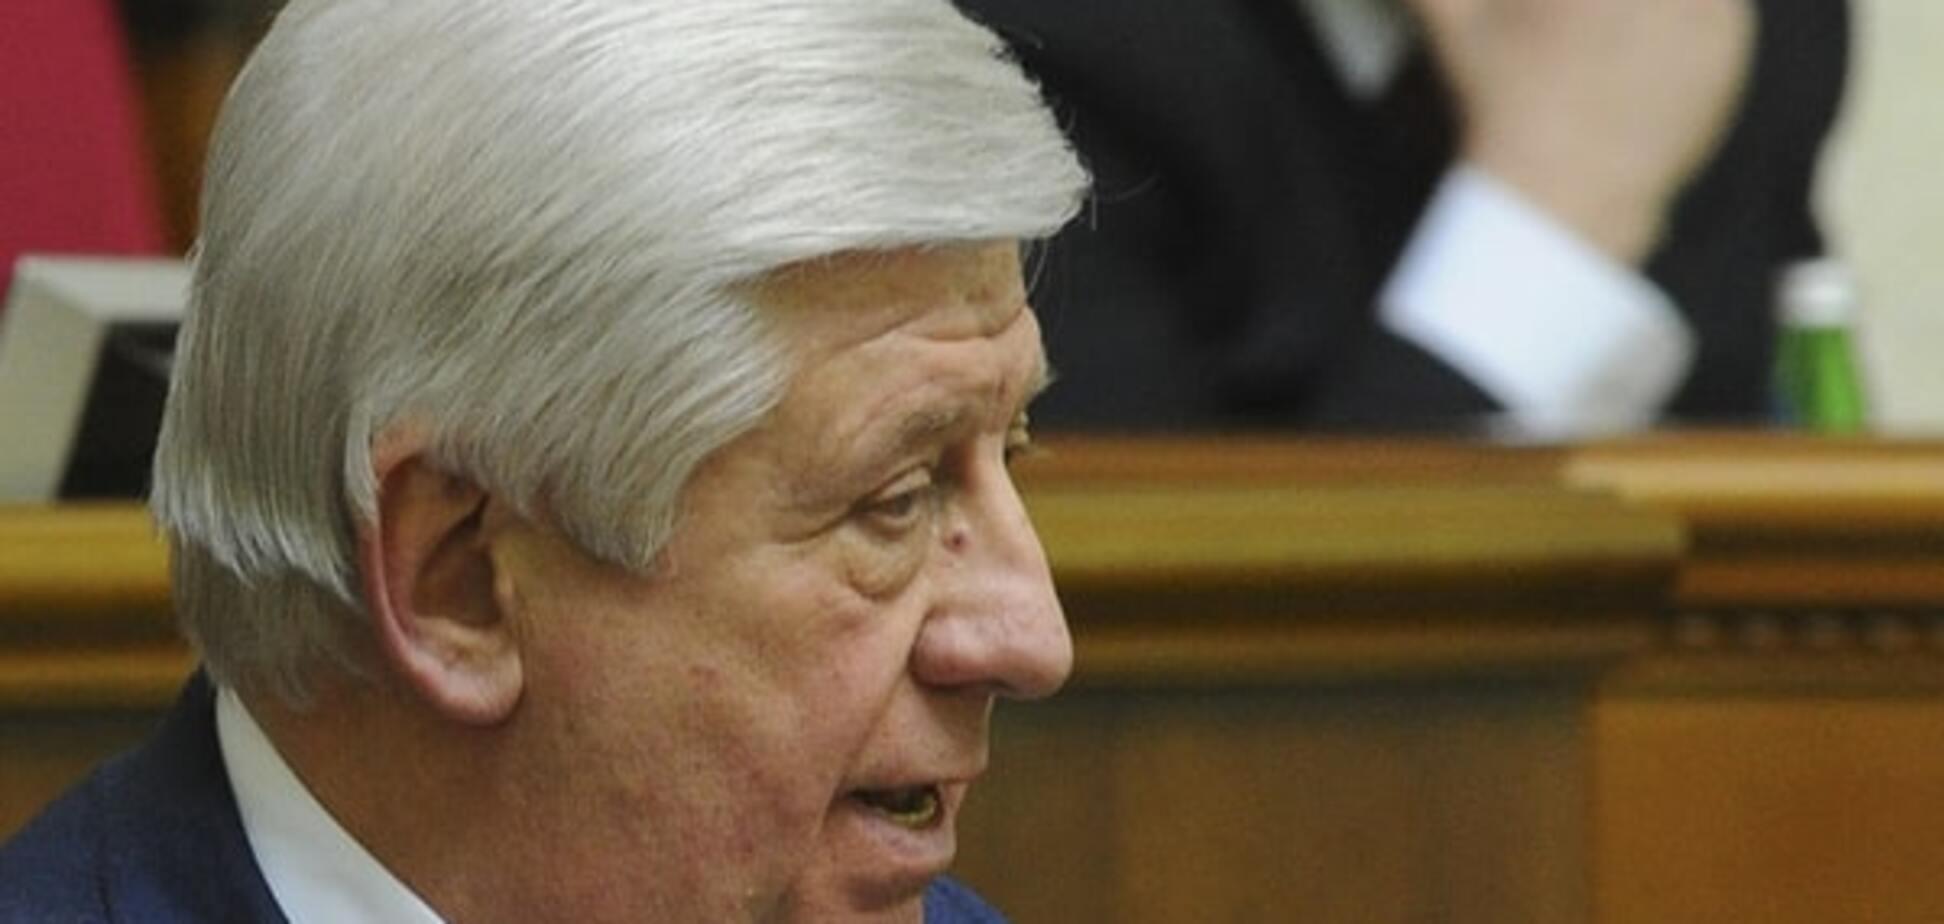 Дело о расстреле Майдана фактически расследовано – Шокин